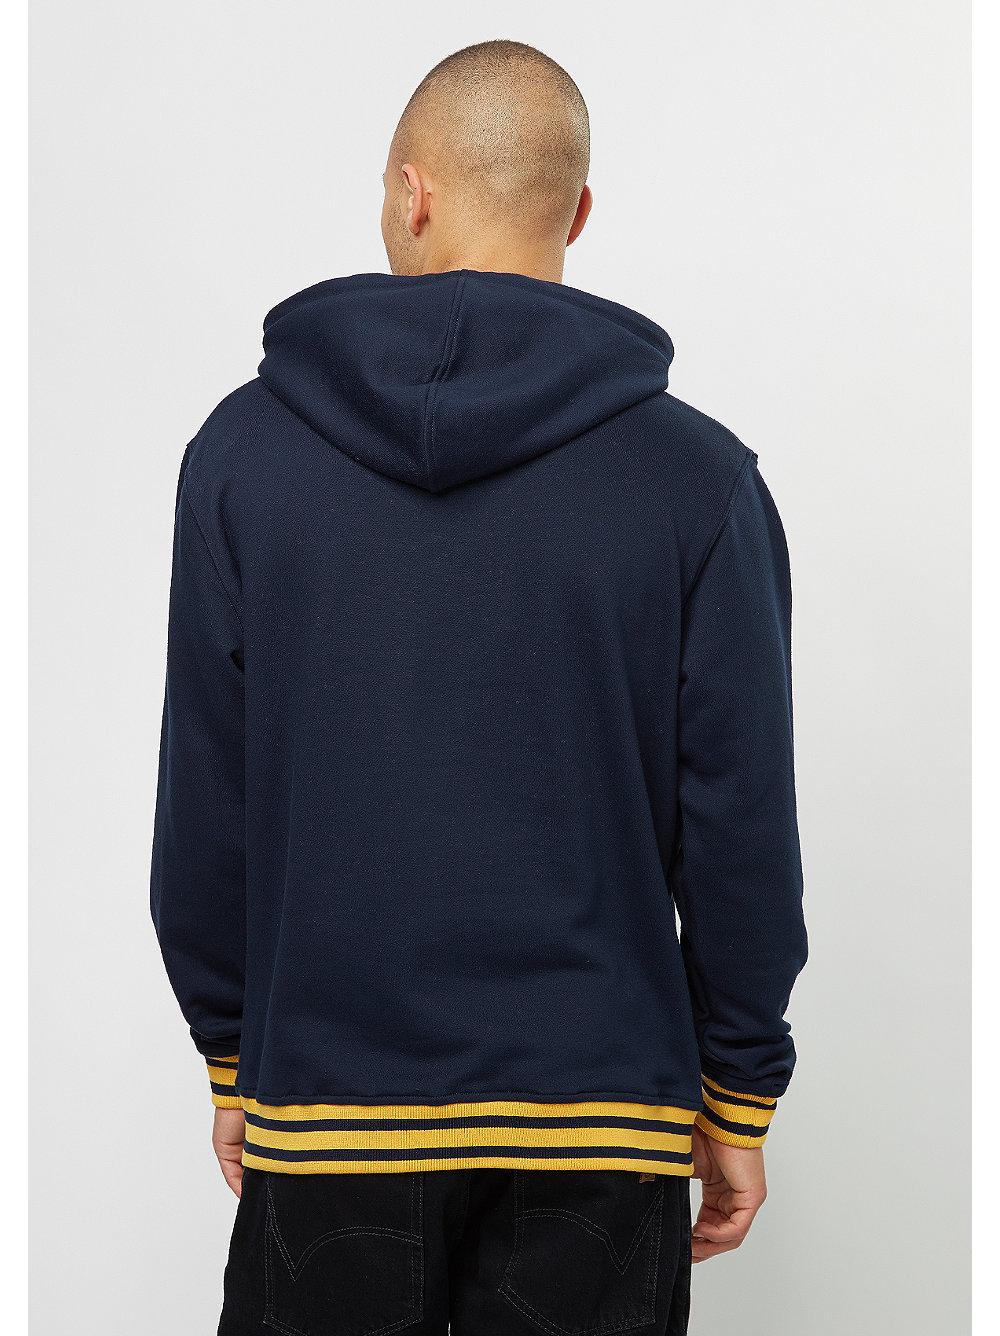 karl kani hooded sweatshirt basic blue snipes onlineshop. Black Bedroom Furniture Sets. Home Design Ideas